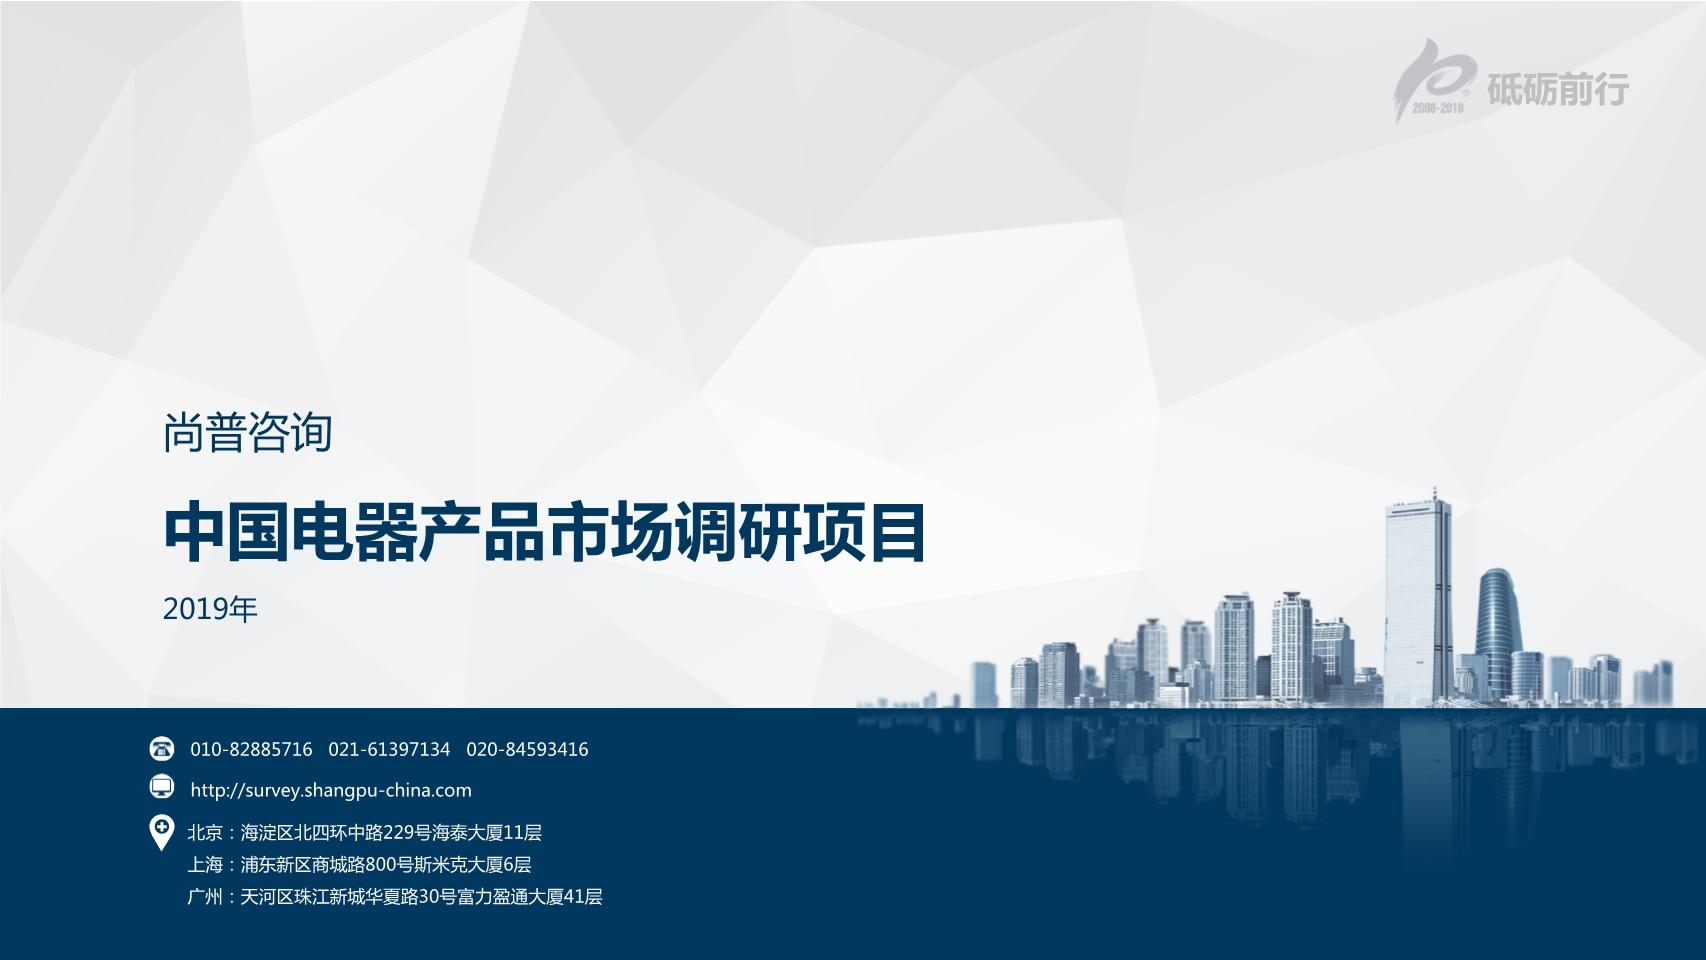 尚普咨询-中国电器产品市场调研项目